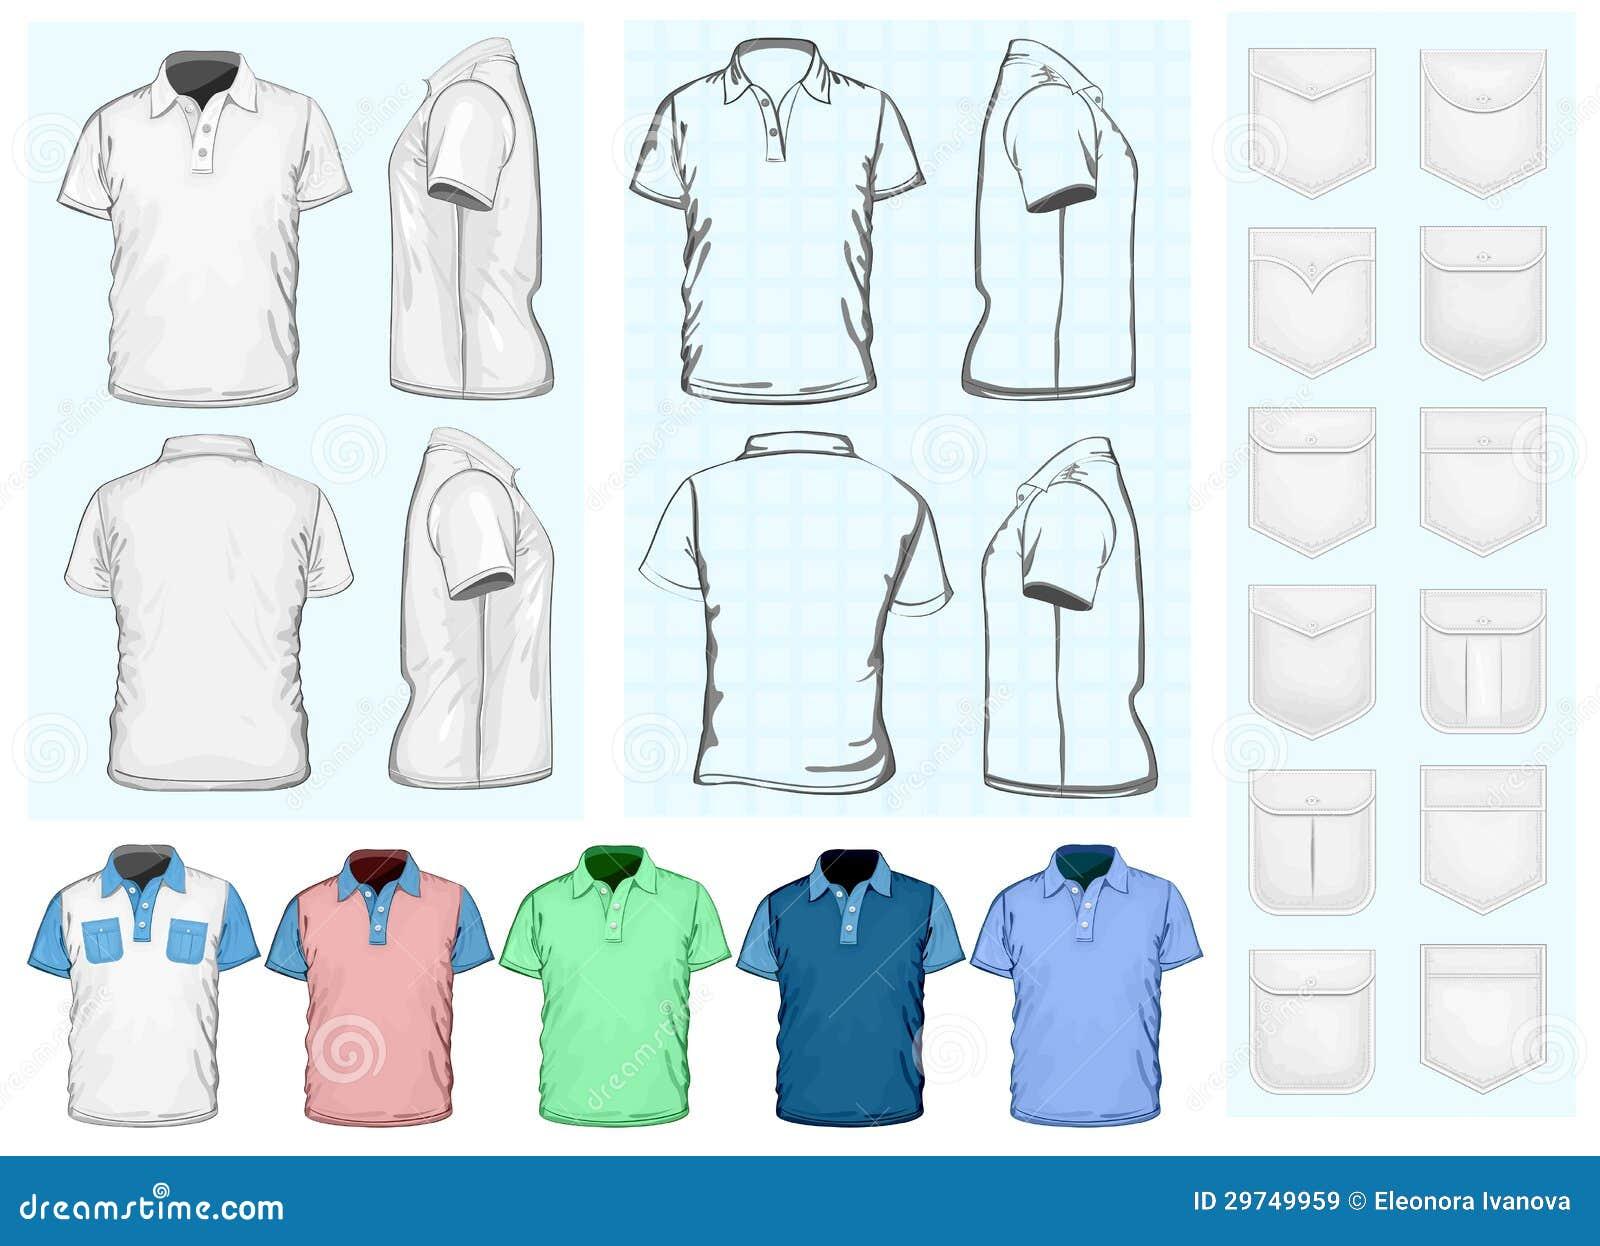 Πρότυπο σχεδίου πόλο-πουκάμισων ατόμων